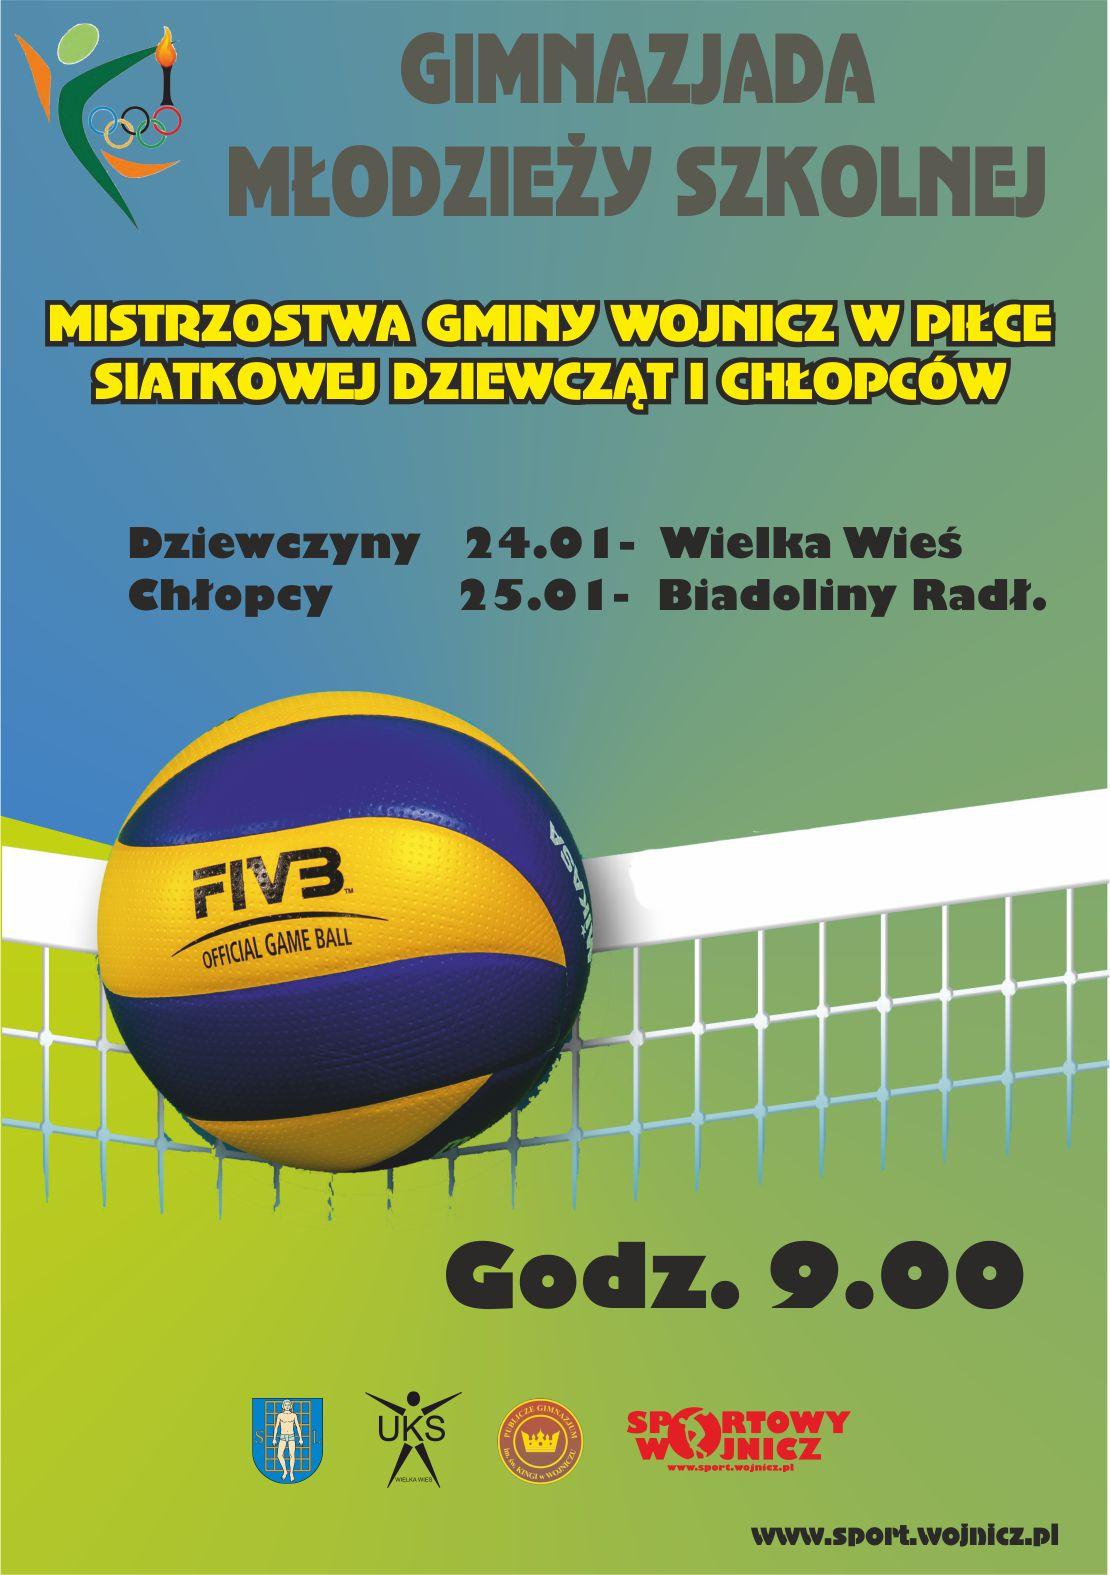 GMS Siatkówka 2016-17